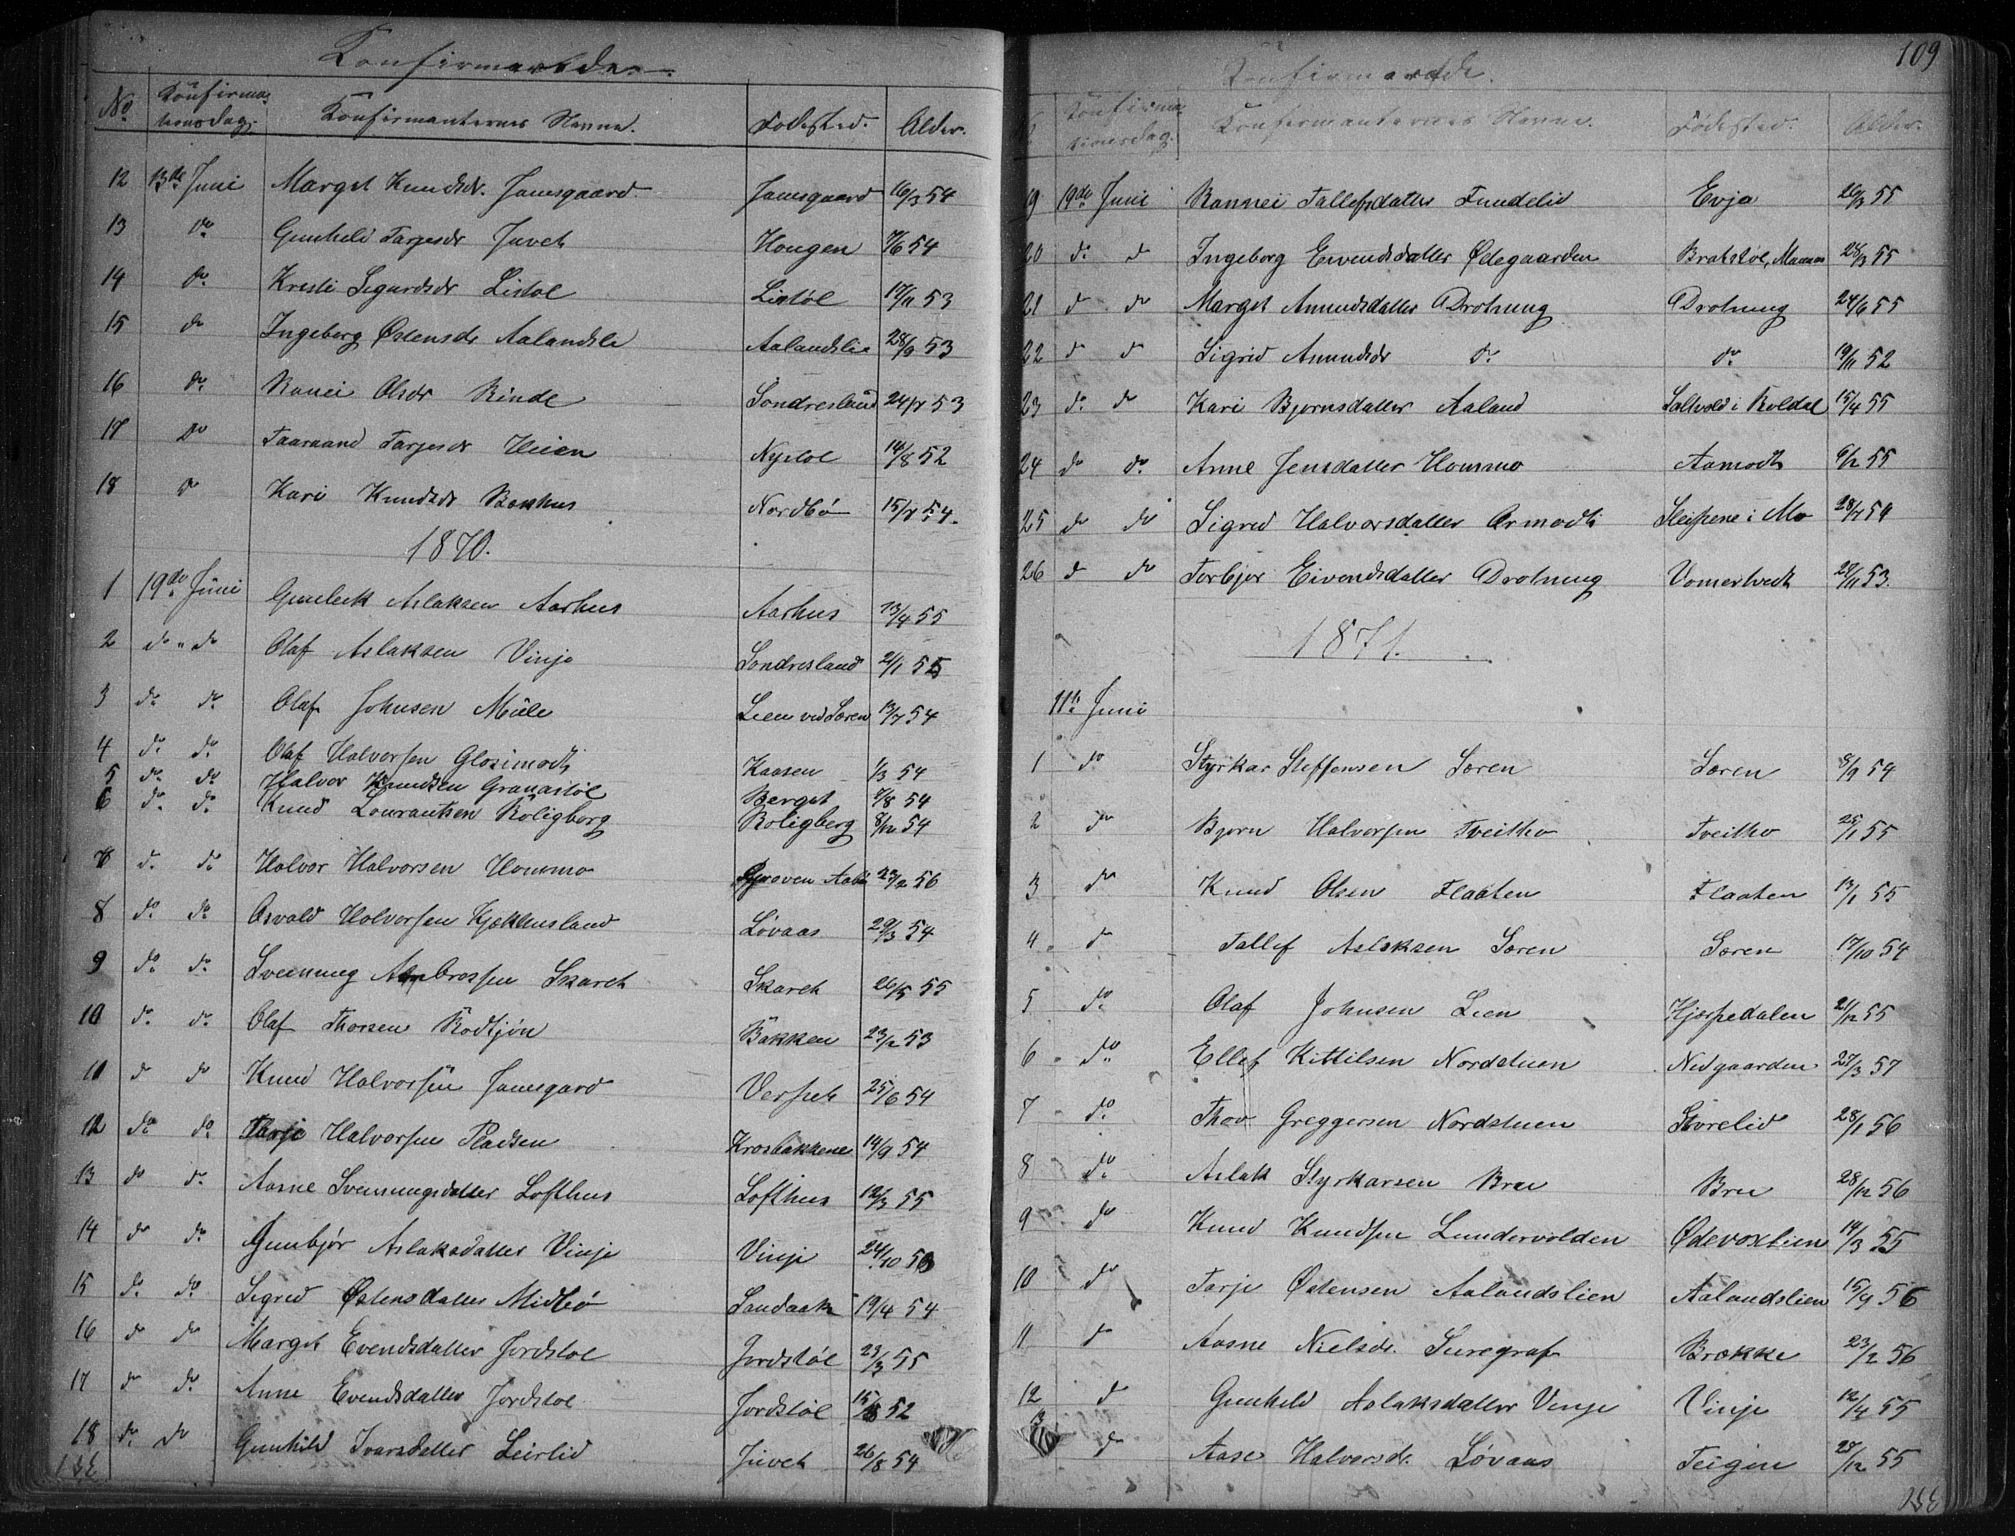 SAKO, Vinje kirkebøker, G/Ga/L0002: Klokkerbok nr. I 2, 1849-1893, s. 109